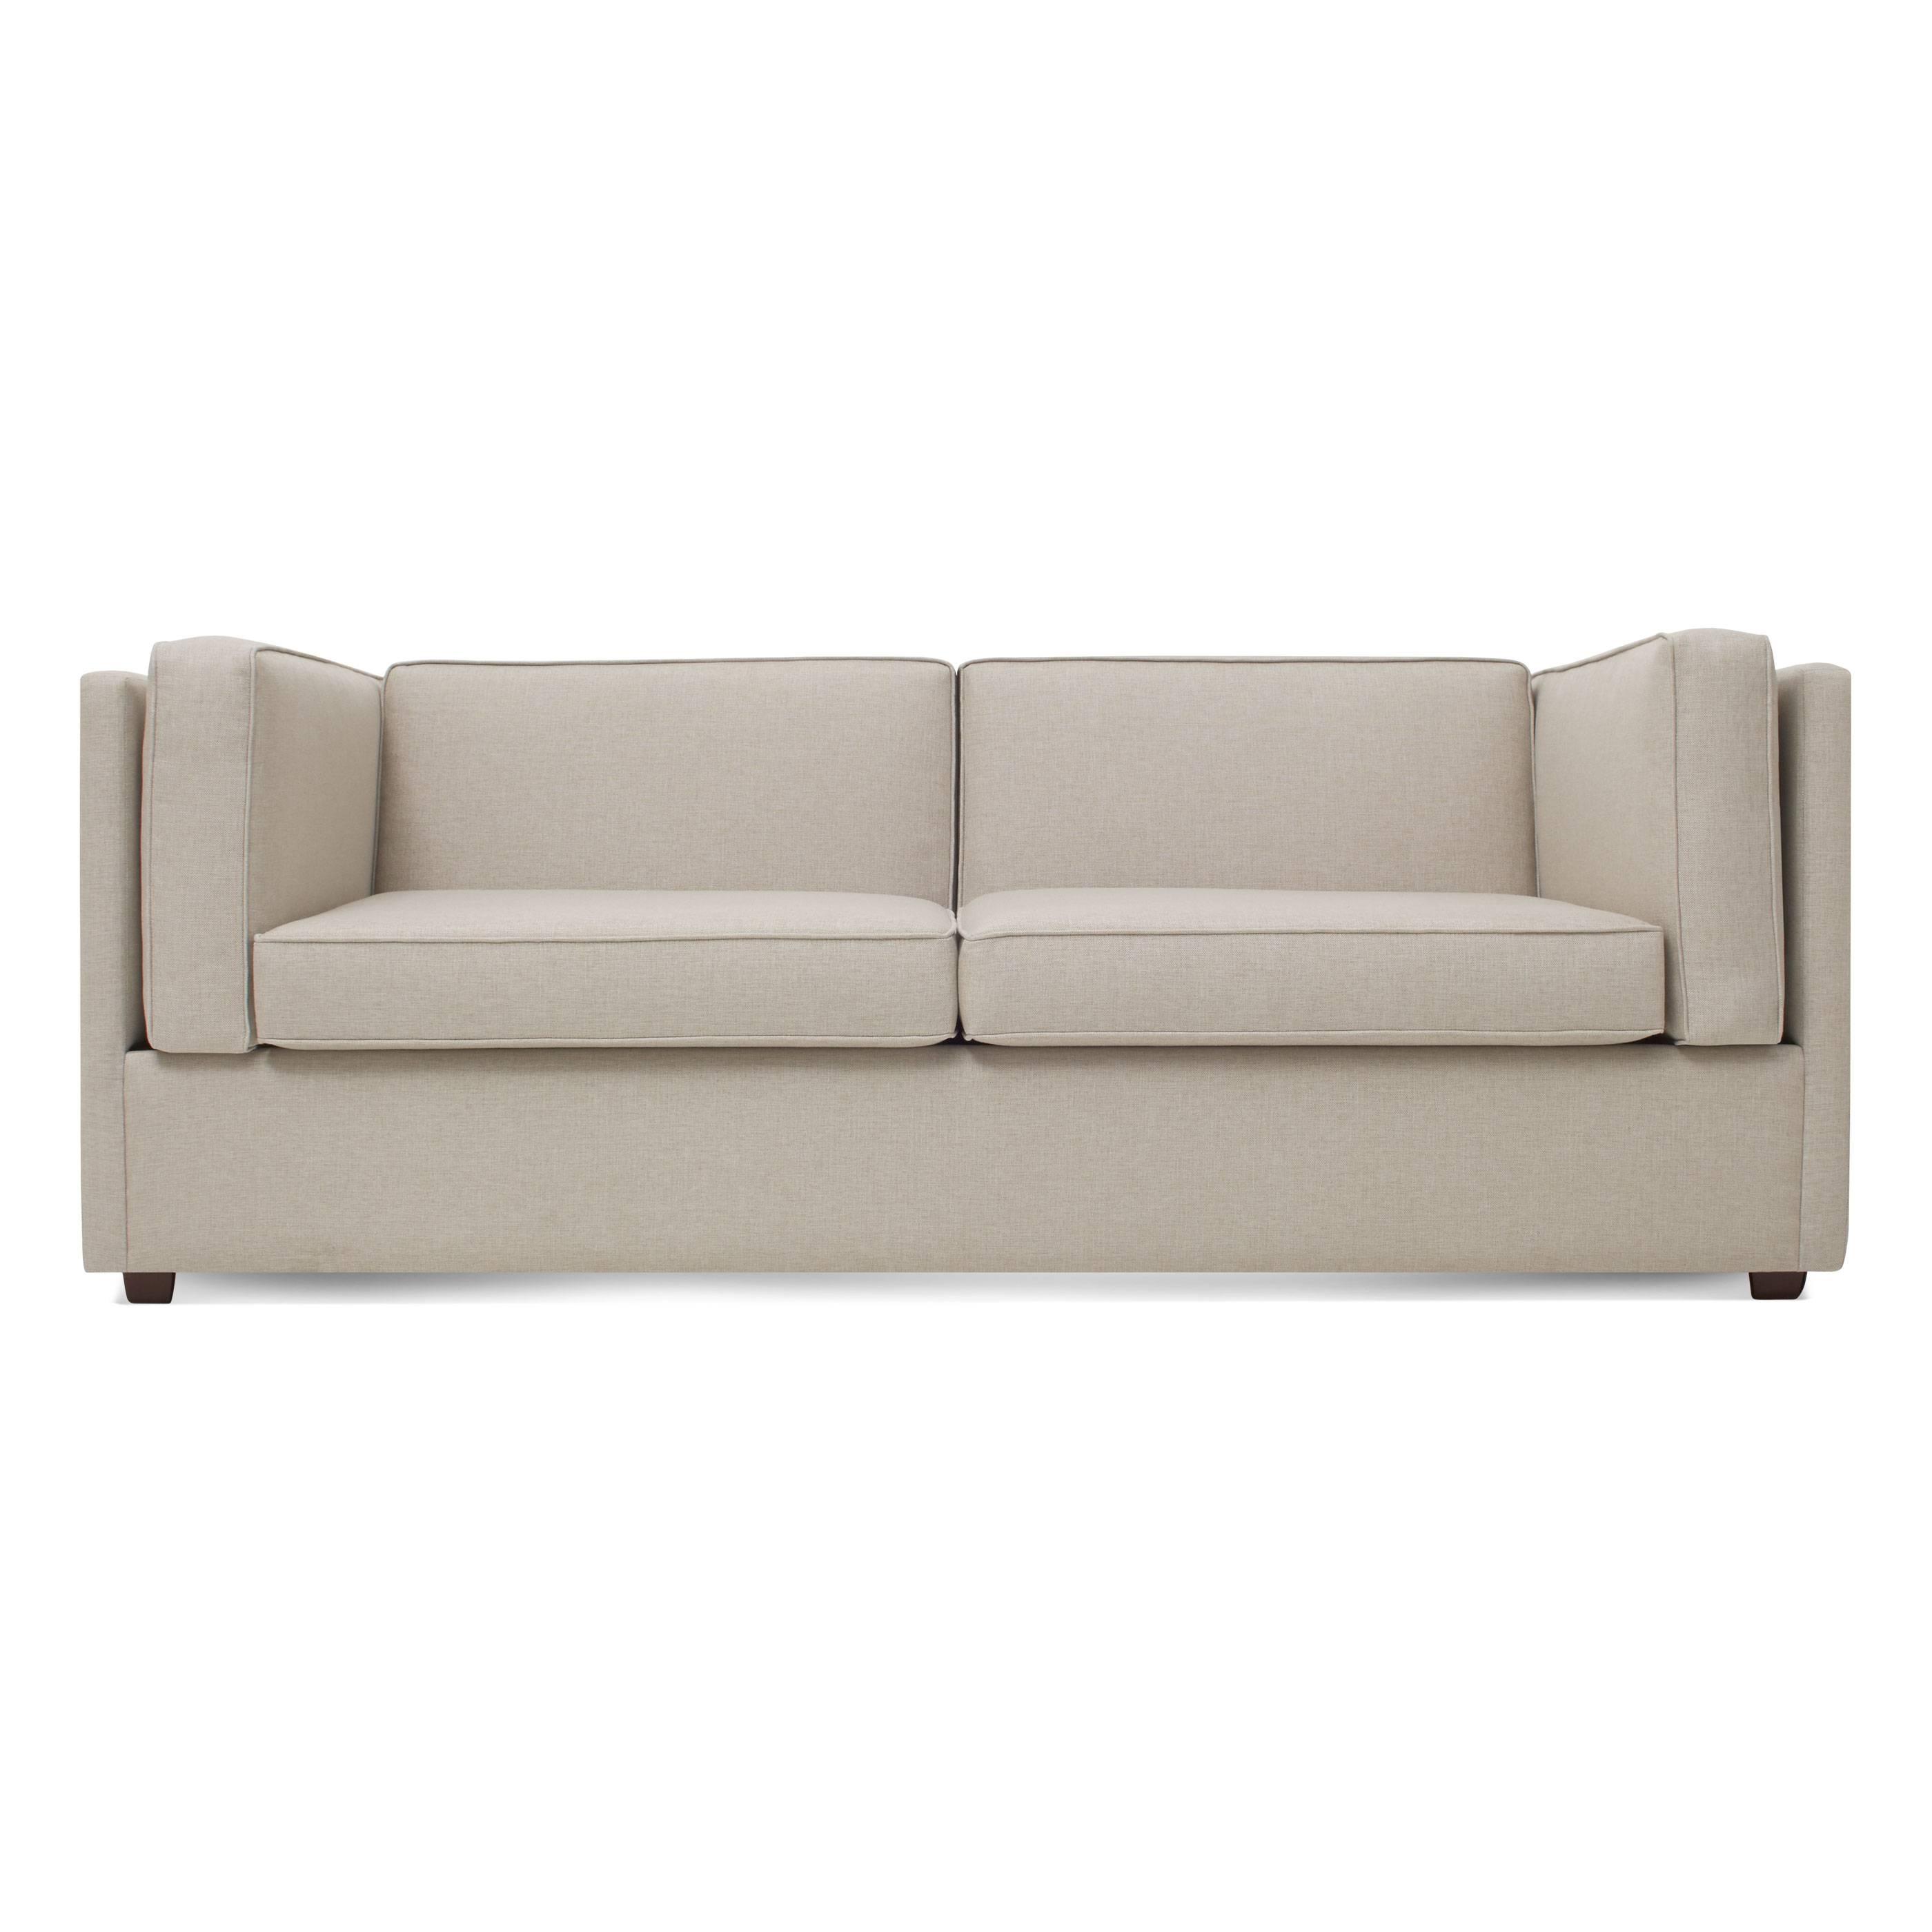 Bank Sleeper Sofa - Deep Seat Sofa Beds | Blu Dot for Blu Dot Sofas (Image 3 of 15)